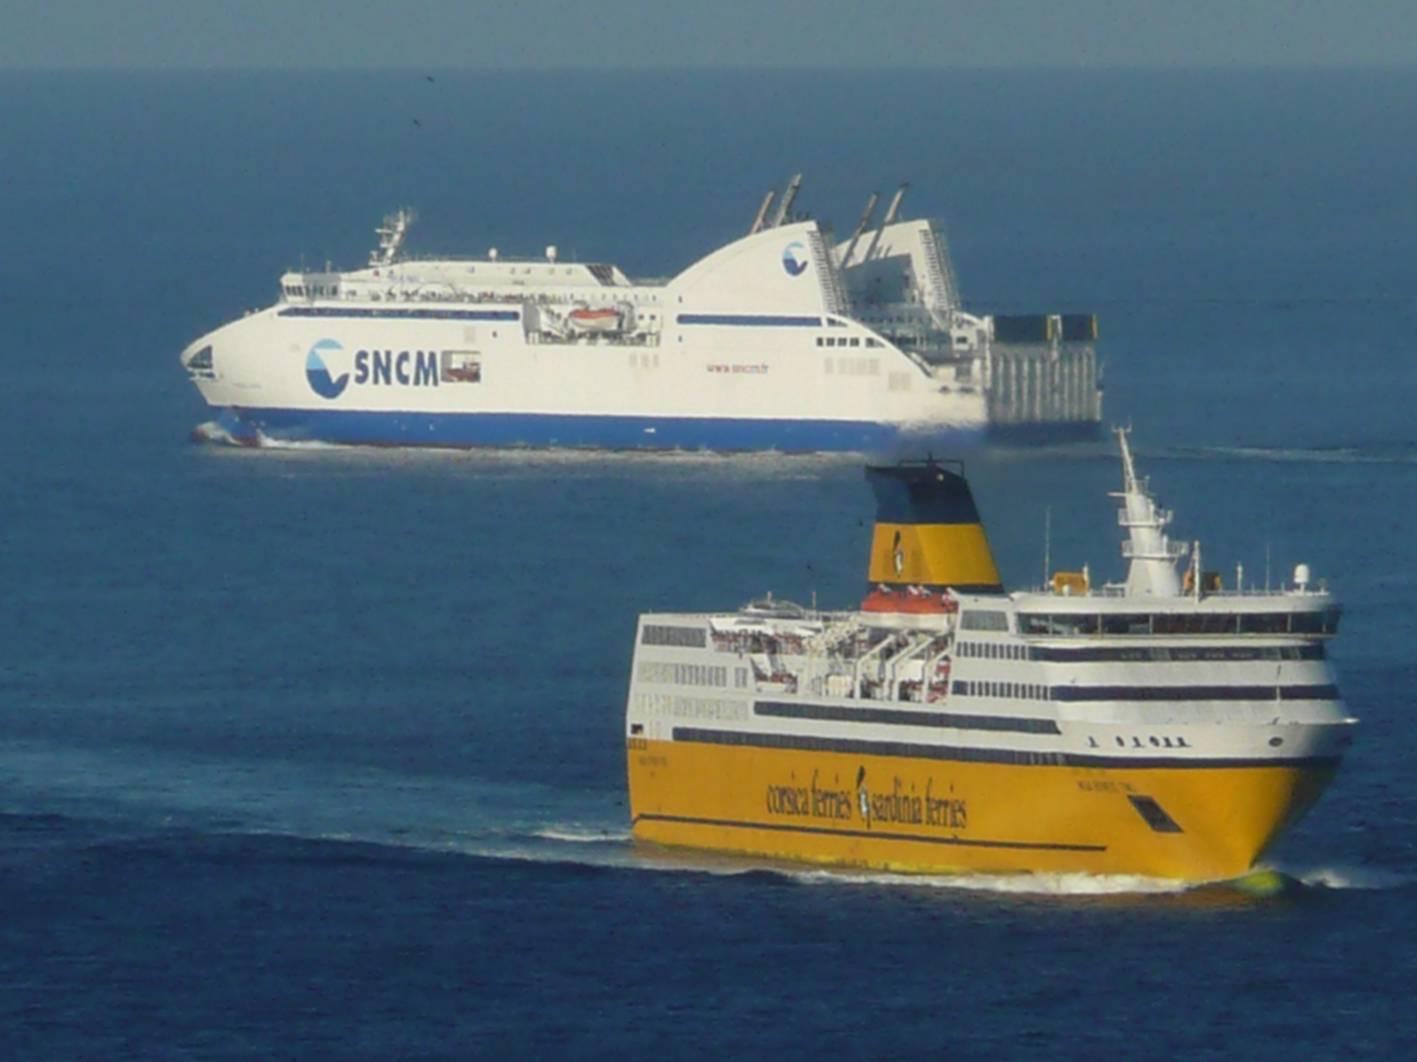 Les Pascal Paoli de la SNCM et Mega Express Two de la Corsica Ferries se croisant en mer au large de Bastia ; photo : Romain Roussel